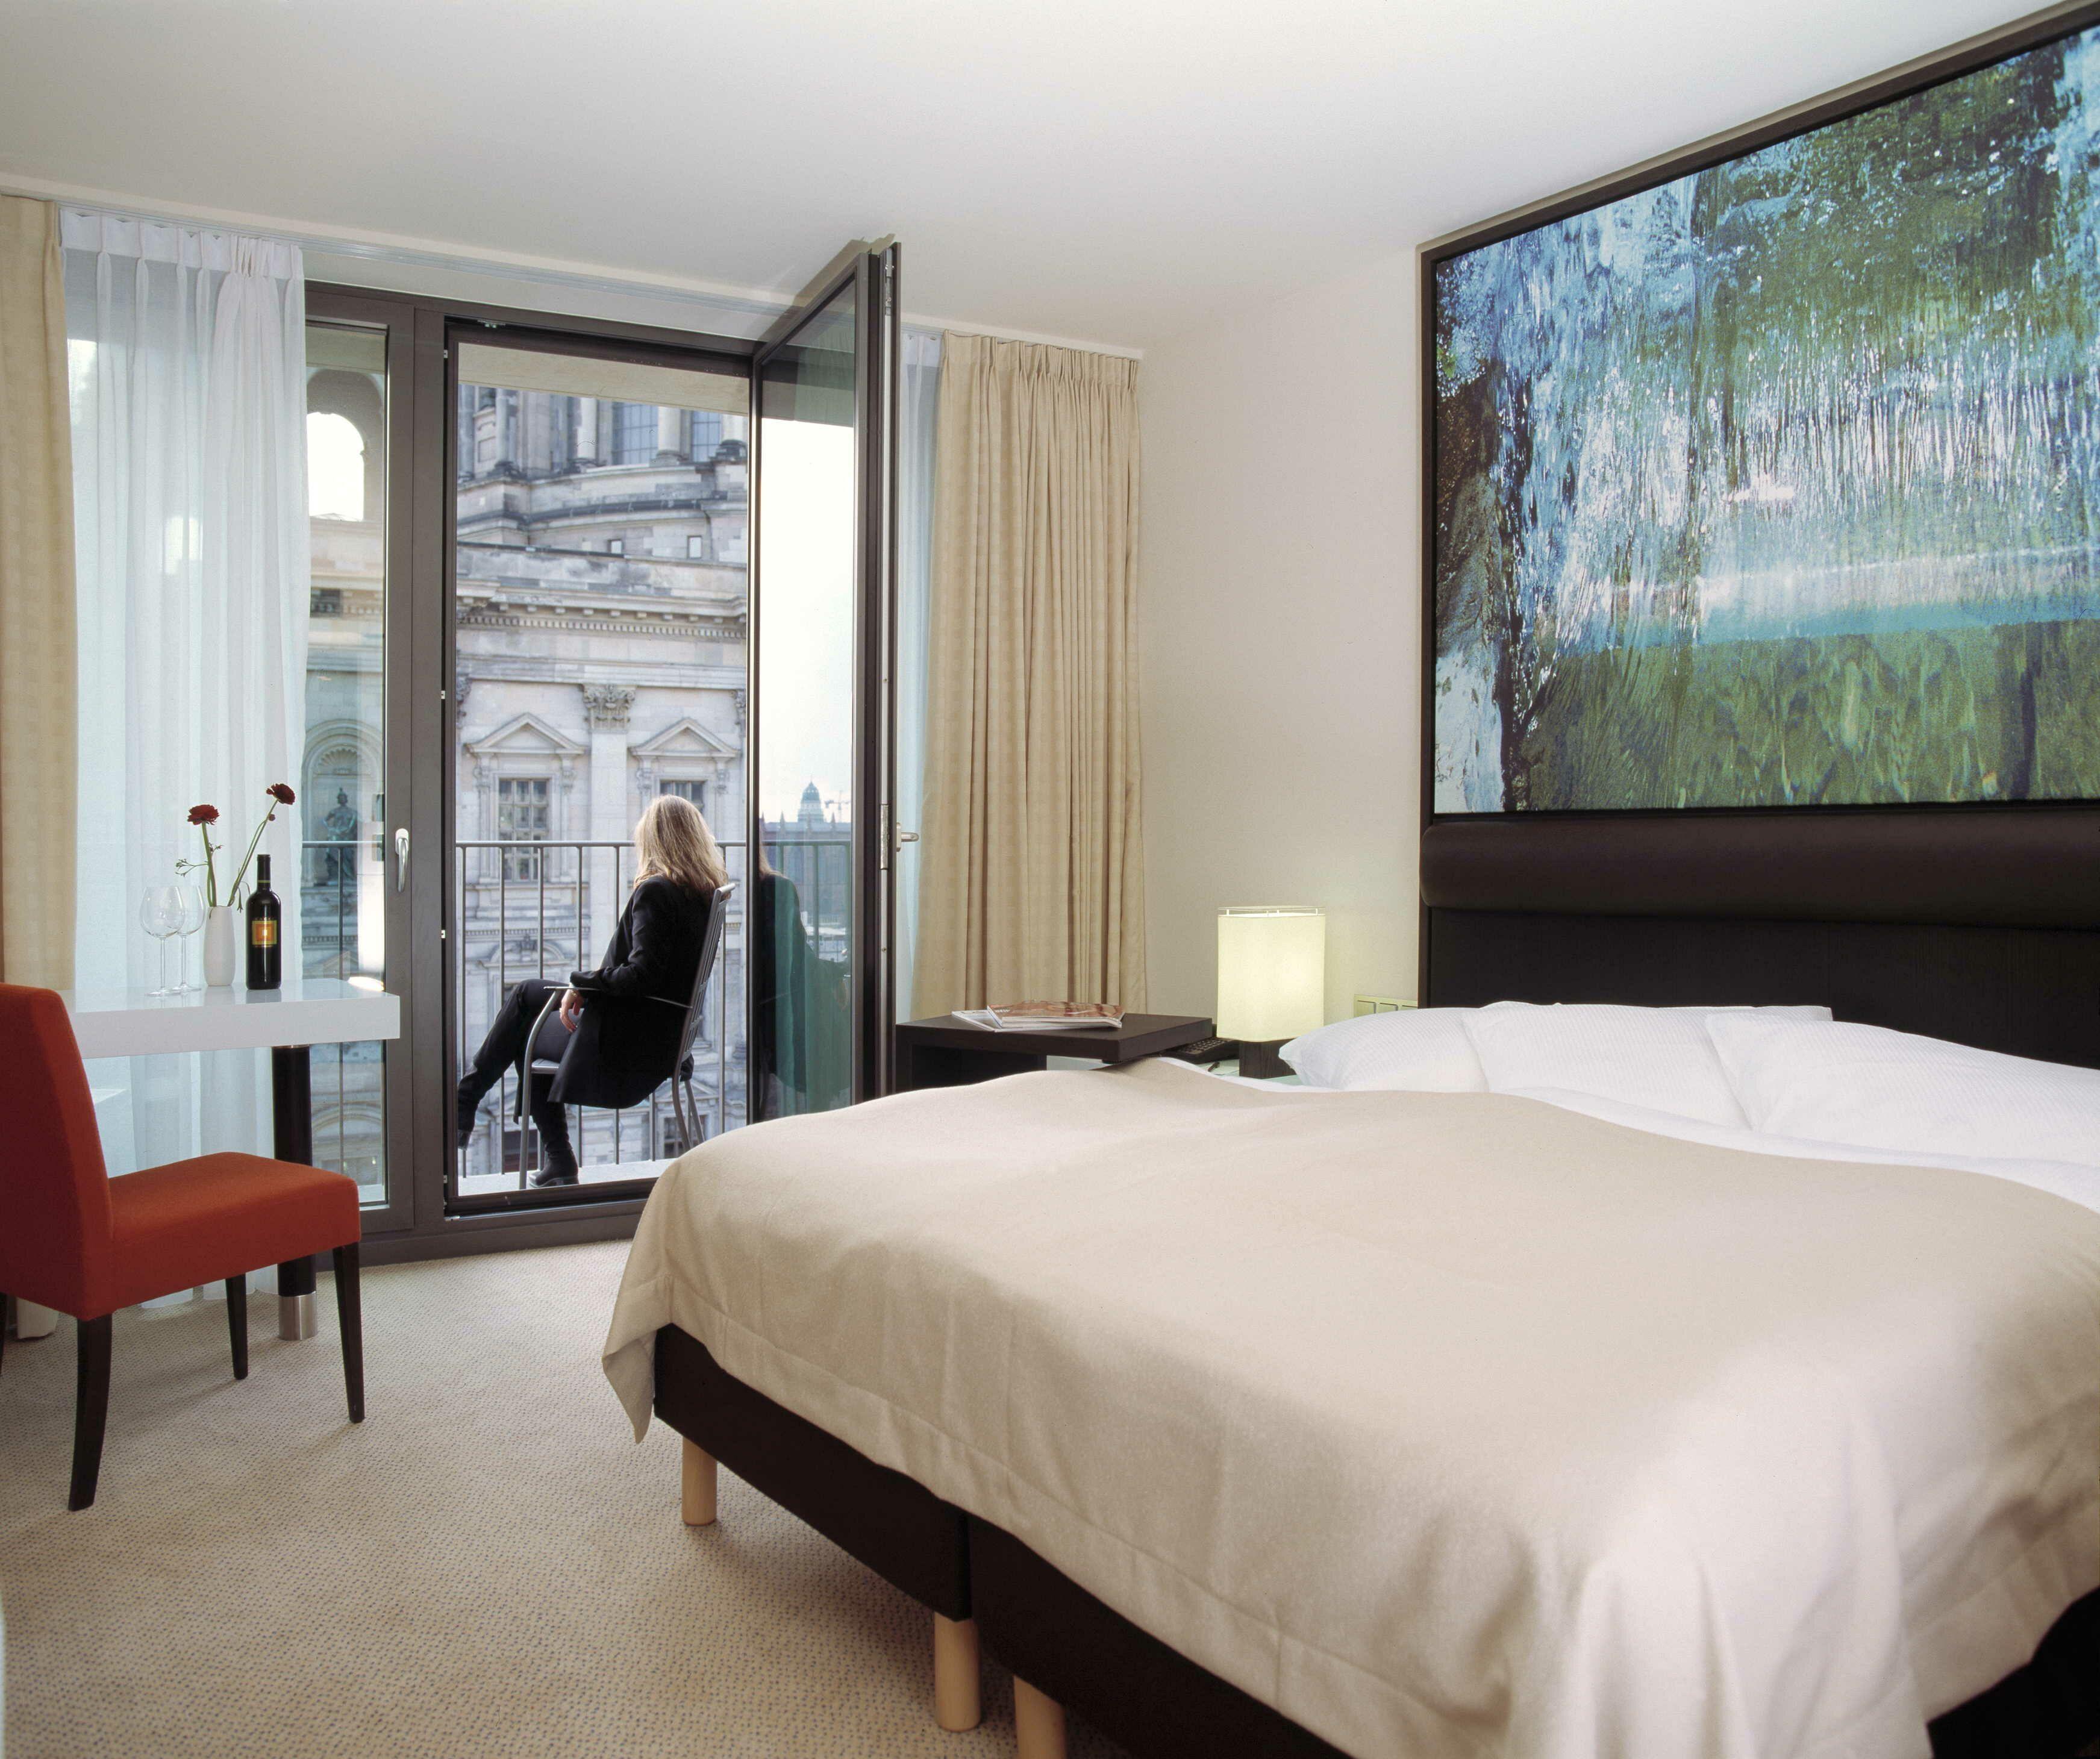 Der kan være mange faldgruber når forbrugerne selv booker hotel – frem for at lade rejsebureauet klare dette. Hotelværelset på arkivfotoet har intet at gøre med de sager, der nævnes i artiklen.